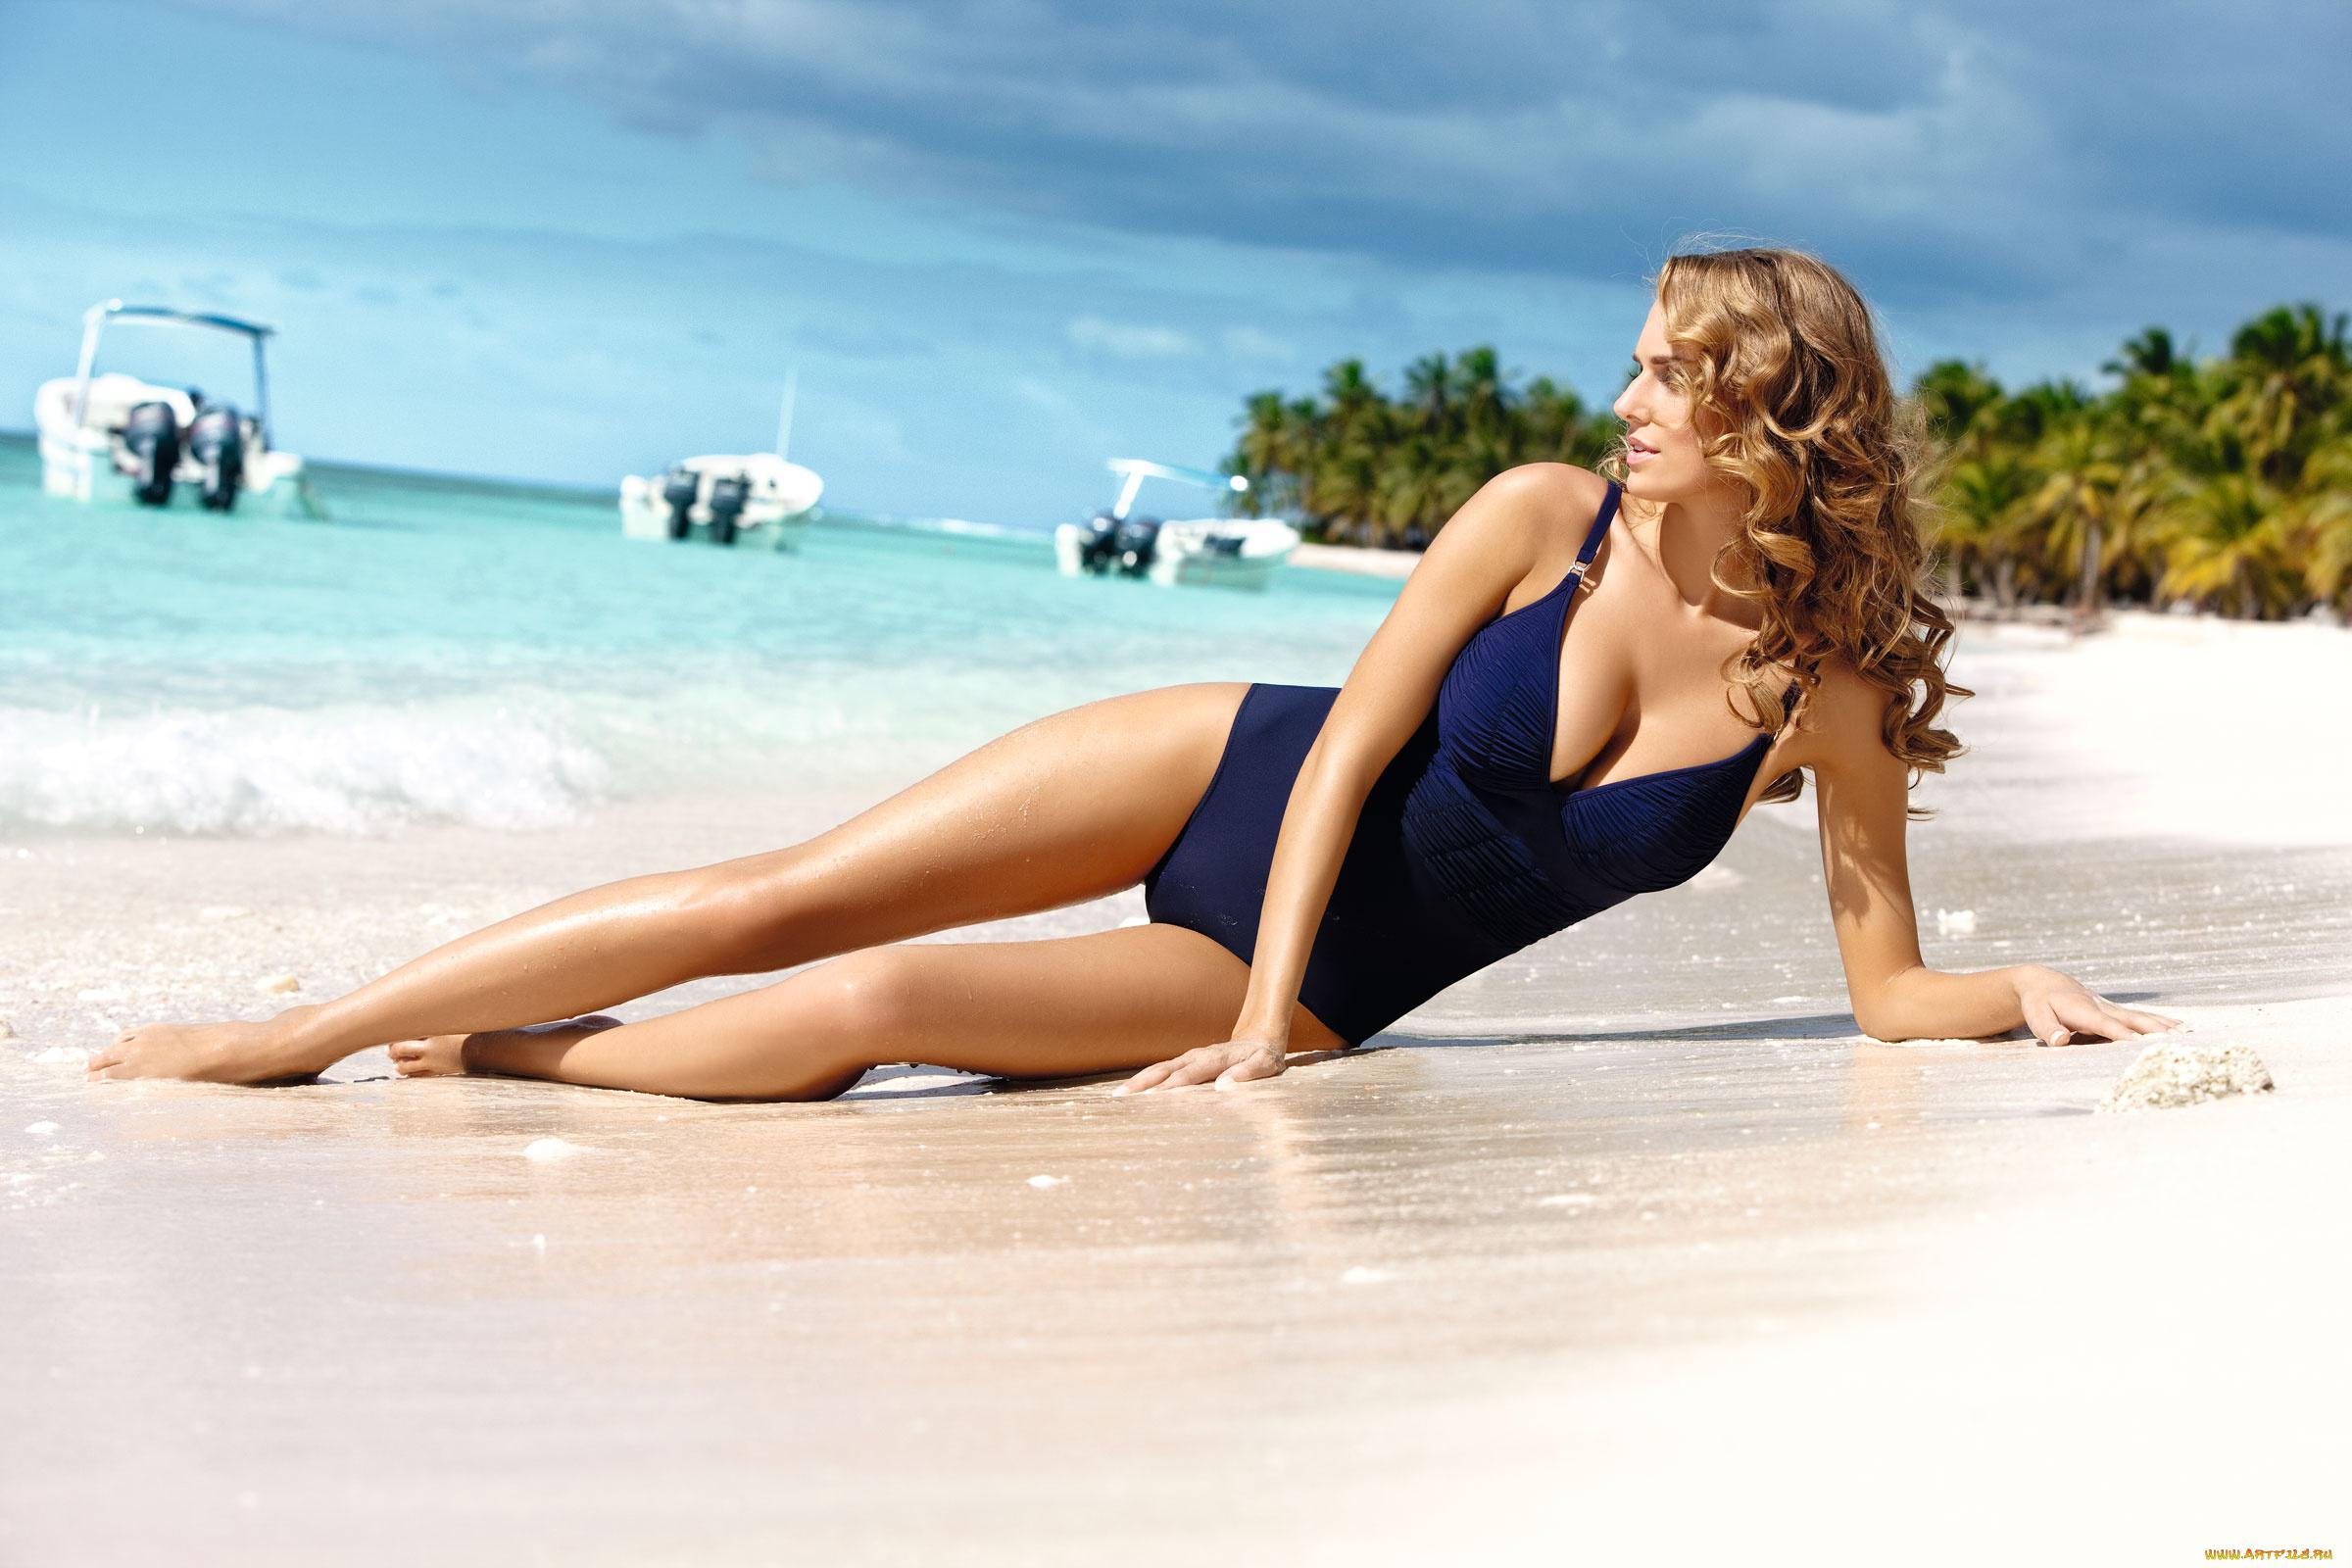 Смотреть фото женщины в купальниках на море, Девушки в прозрачных купальниках на пляже 20 фотография